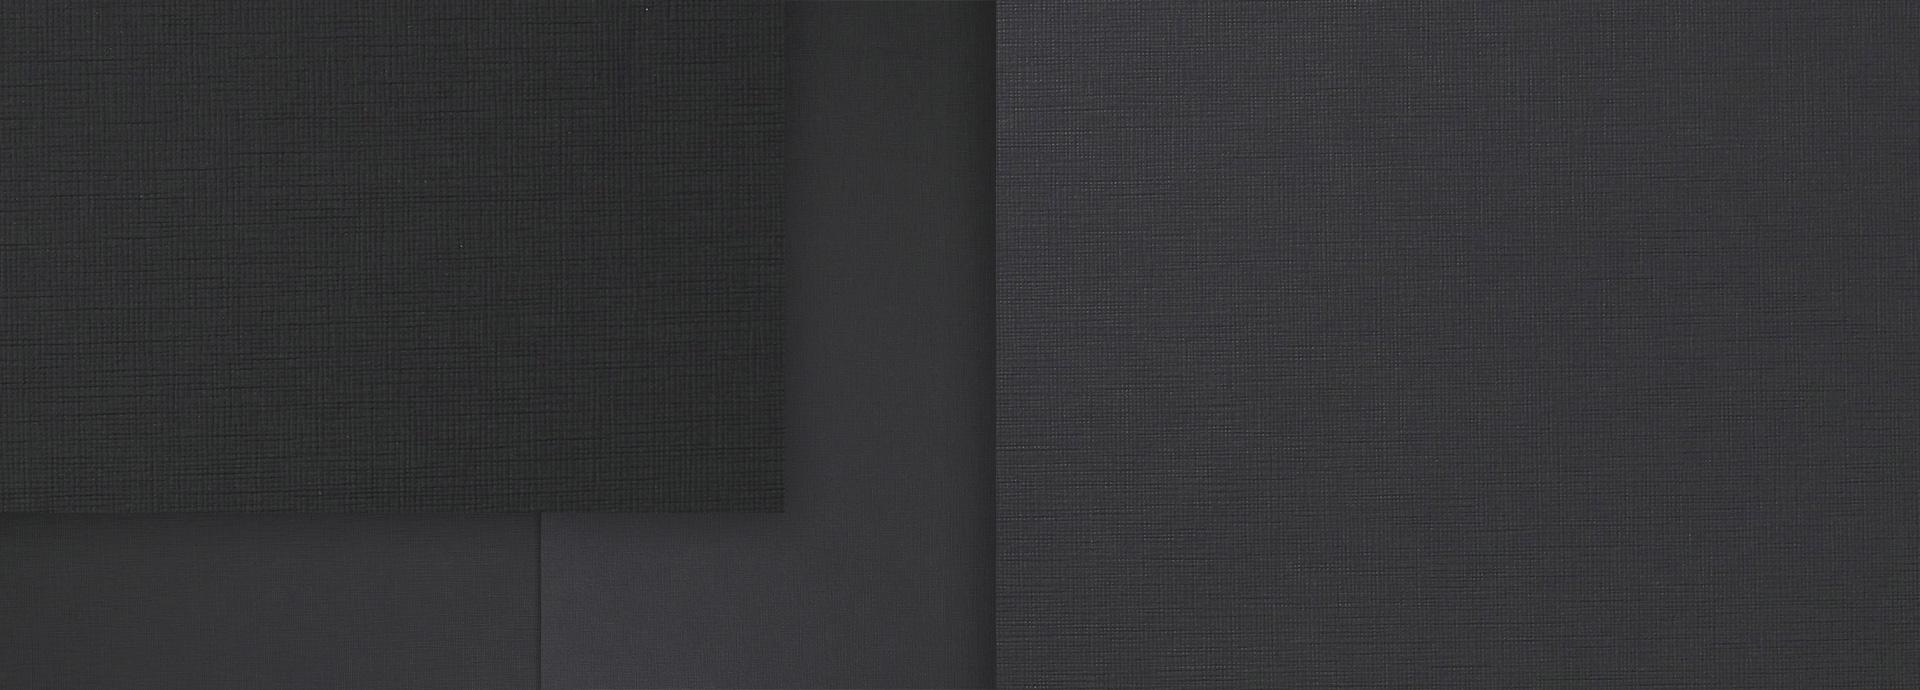 Sirio Ultrablack Goffrata (E/R 65 Fiandra)